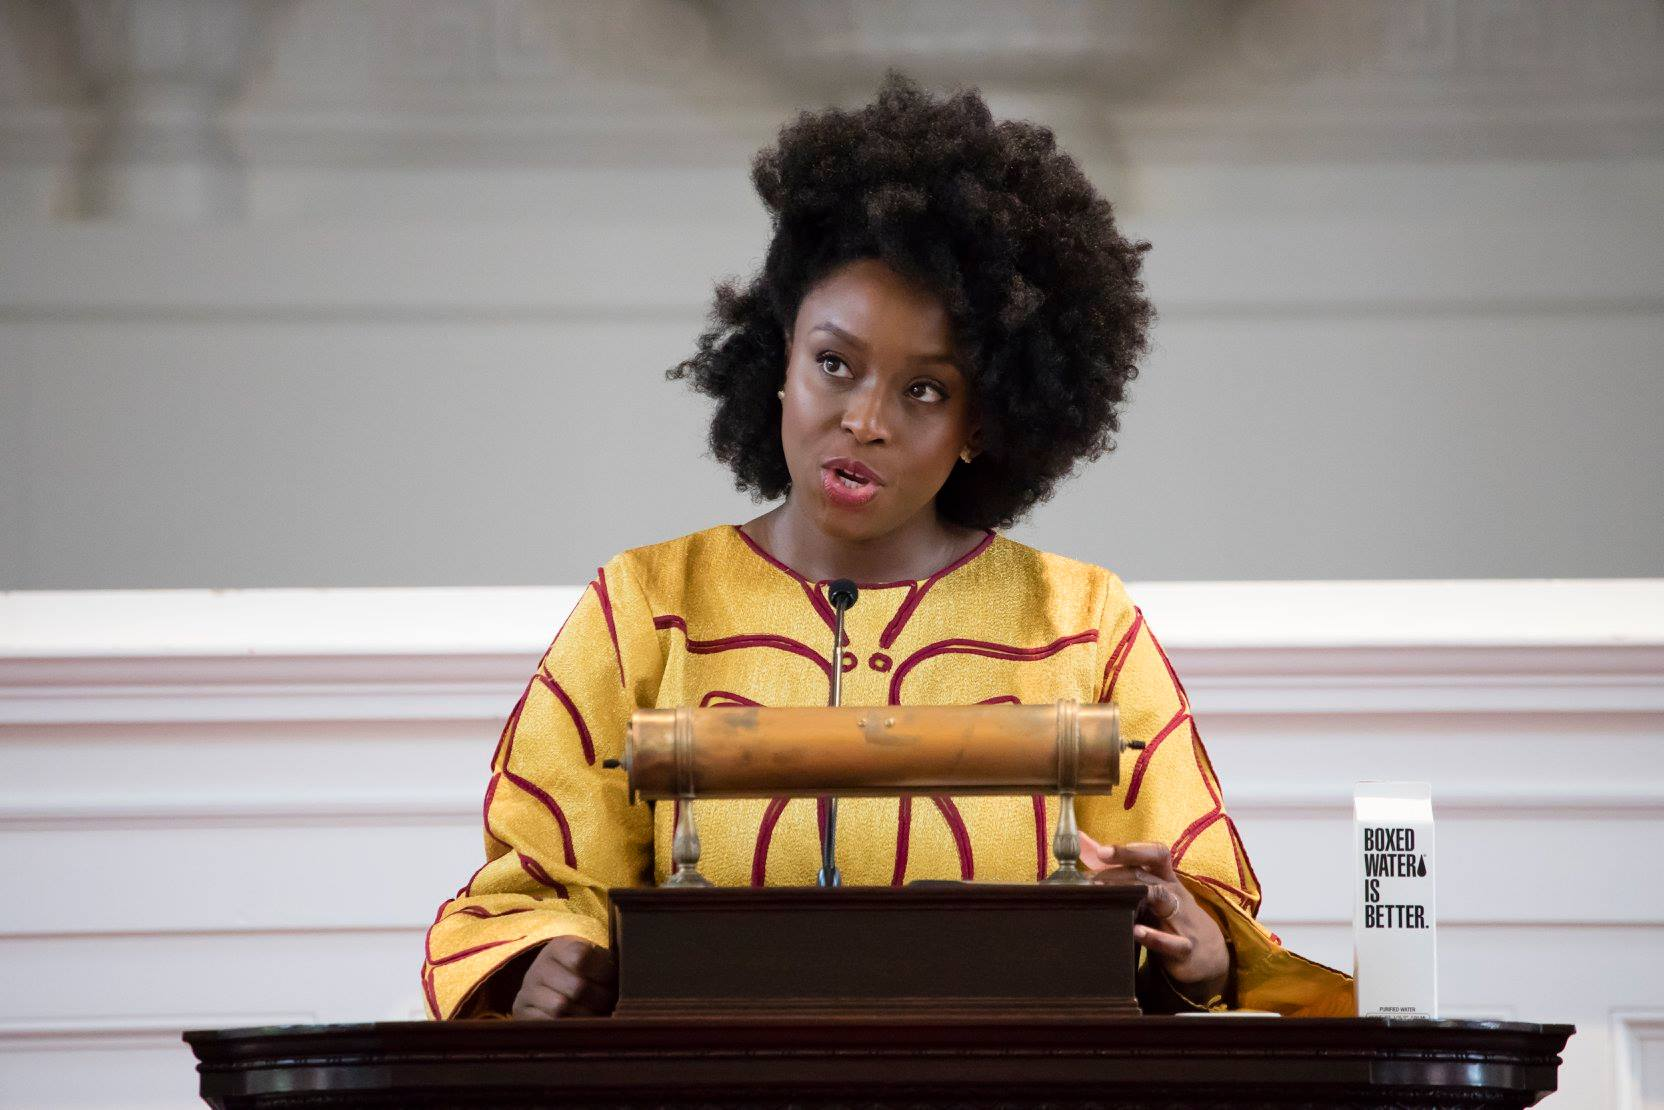 Egy dühös afrikai feminista